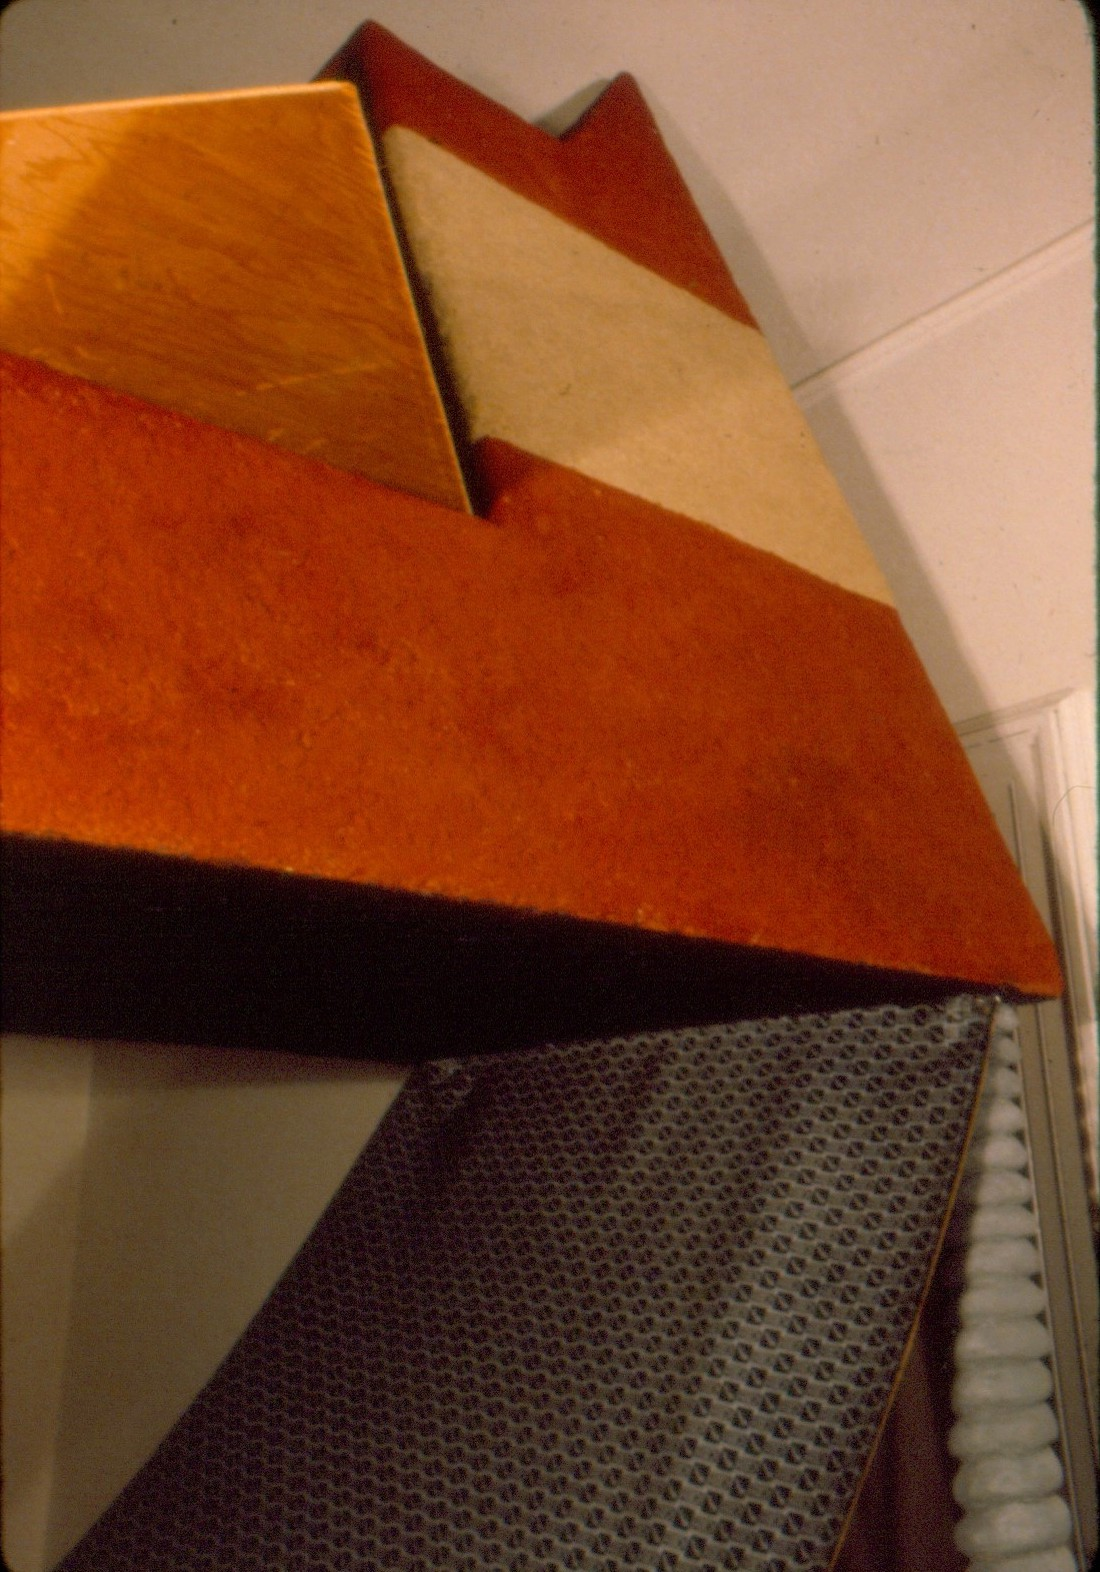 Mali detail